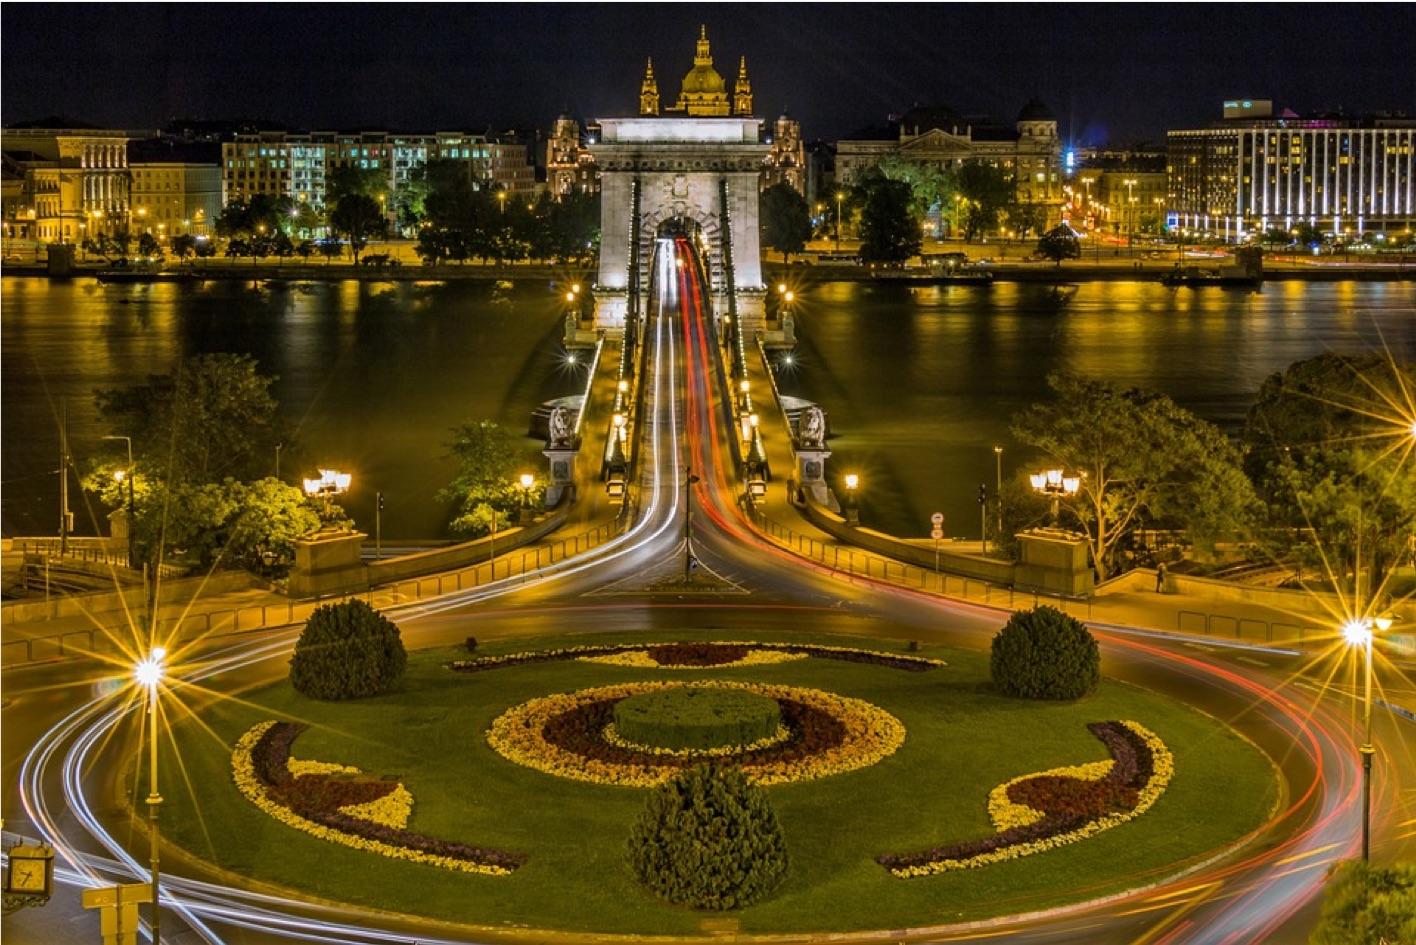 2022年 3/22 中世紀東歐四國9日 3/28 布拉提斯拉瓦BLATISLAVA - 布達佩斯BUDAPEST